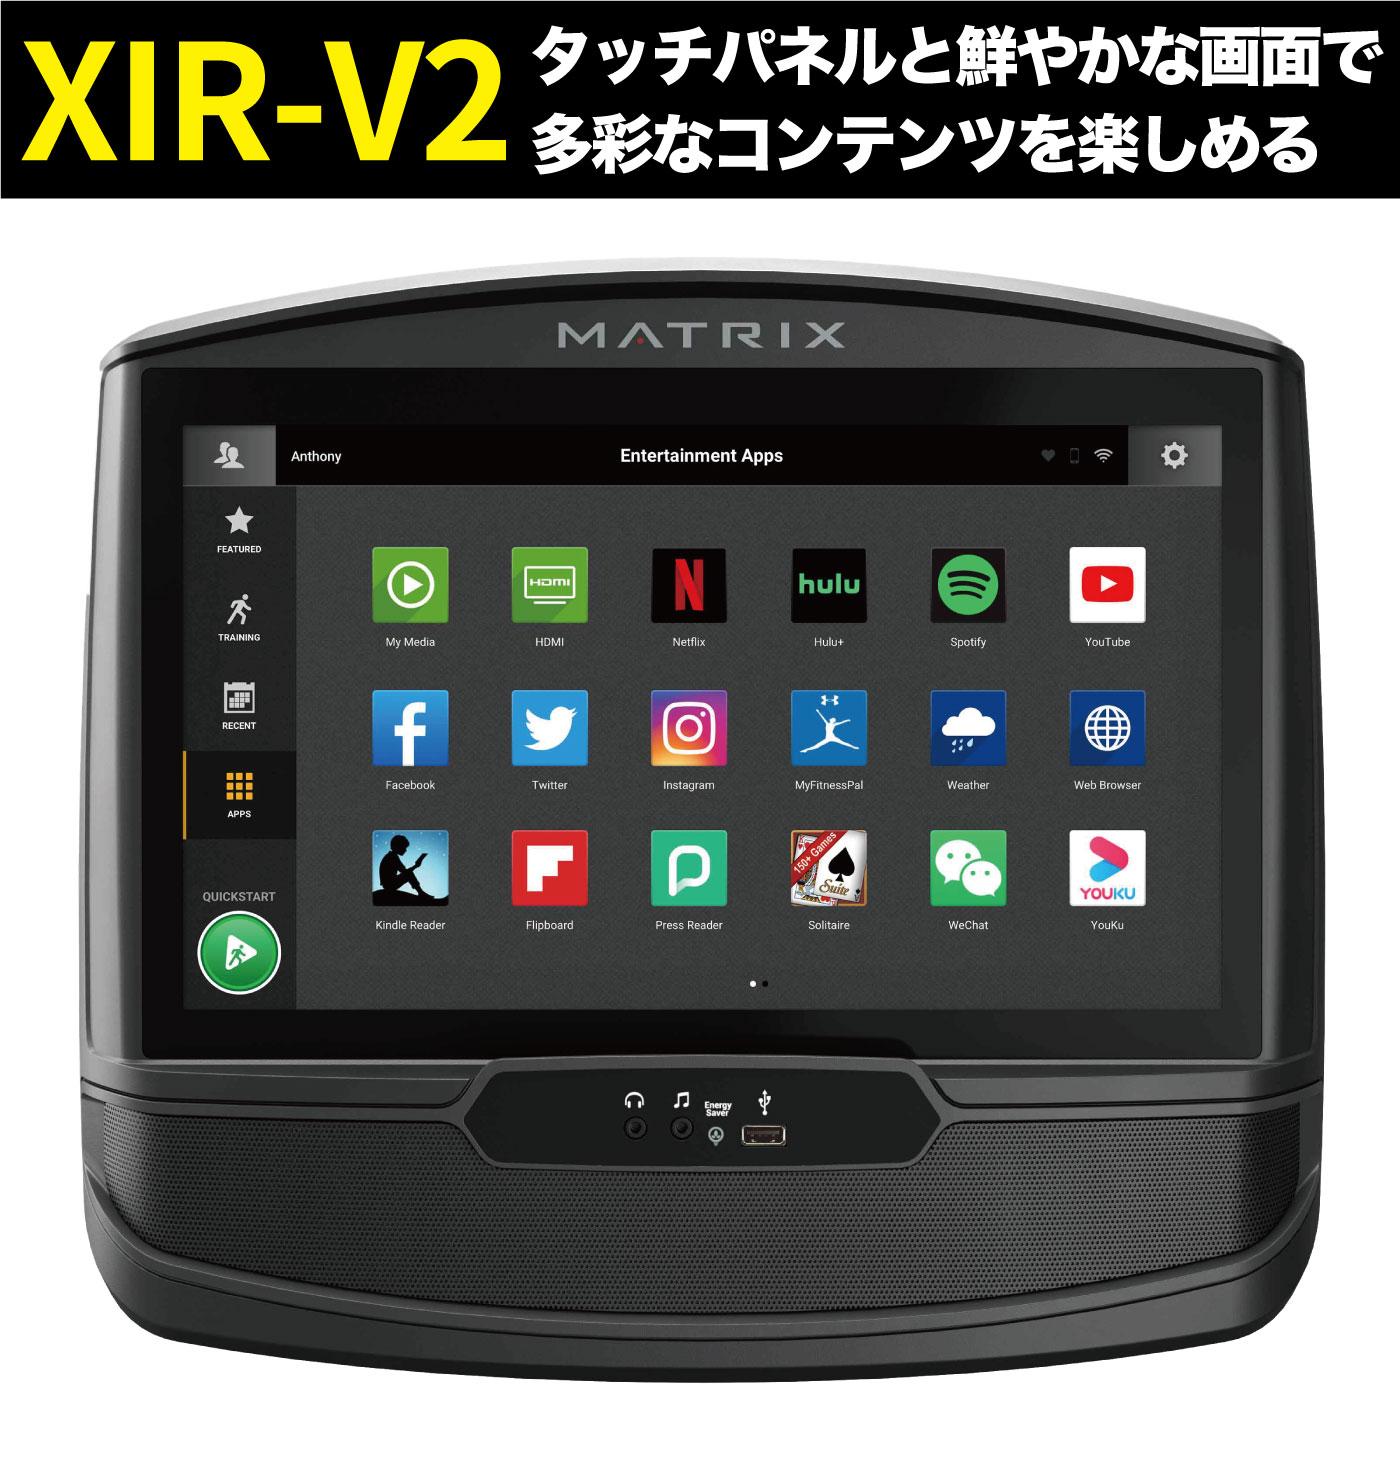 XIR-V2コンソール